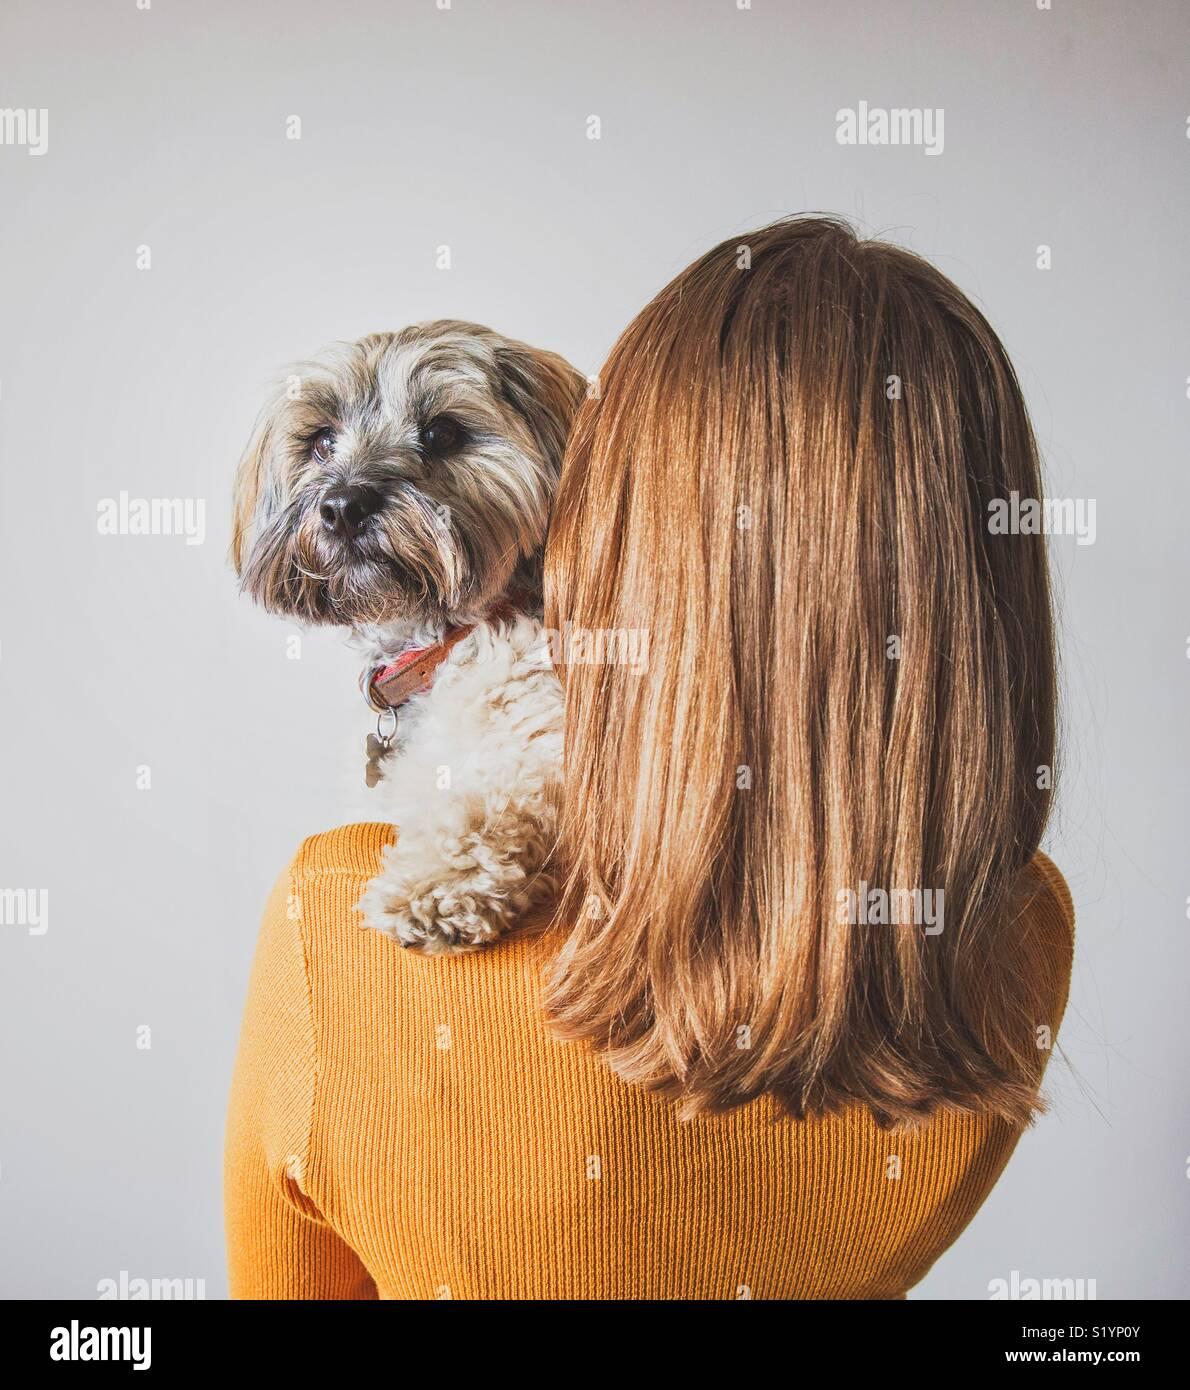 Vista trasera de una moda joven con un cabello brillante sosteniendo su lindo perro mascota sobre su hombro Imagen De Stock